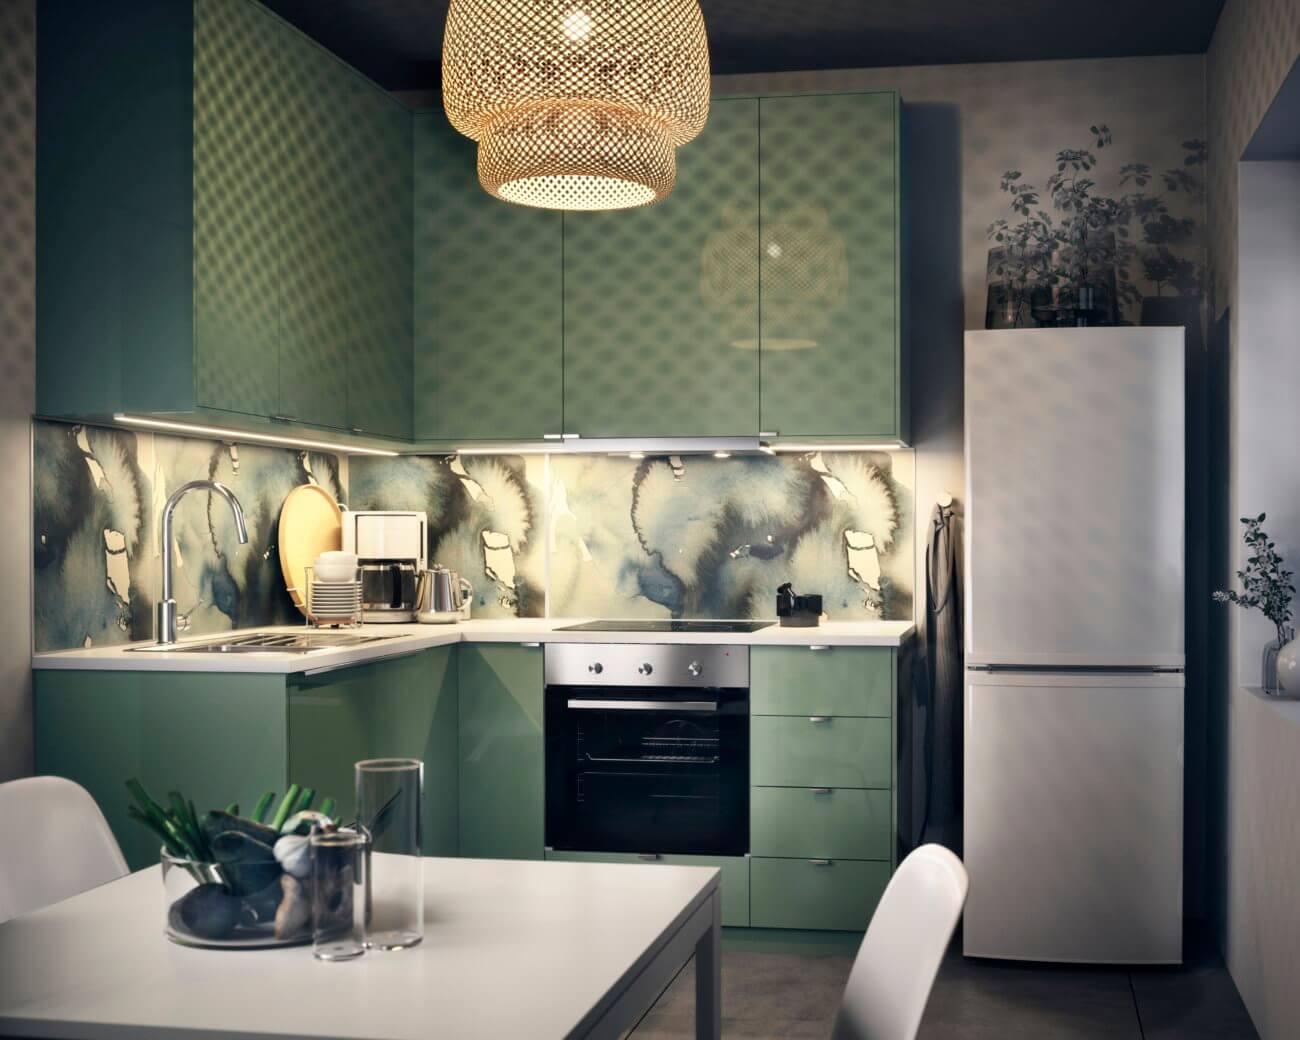 Full Size of Salbeigrün Küche Küche Grün Dekorieren Küche Grün 70er Küche Wandgestaltung Grün Küche Küche Mintgrün